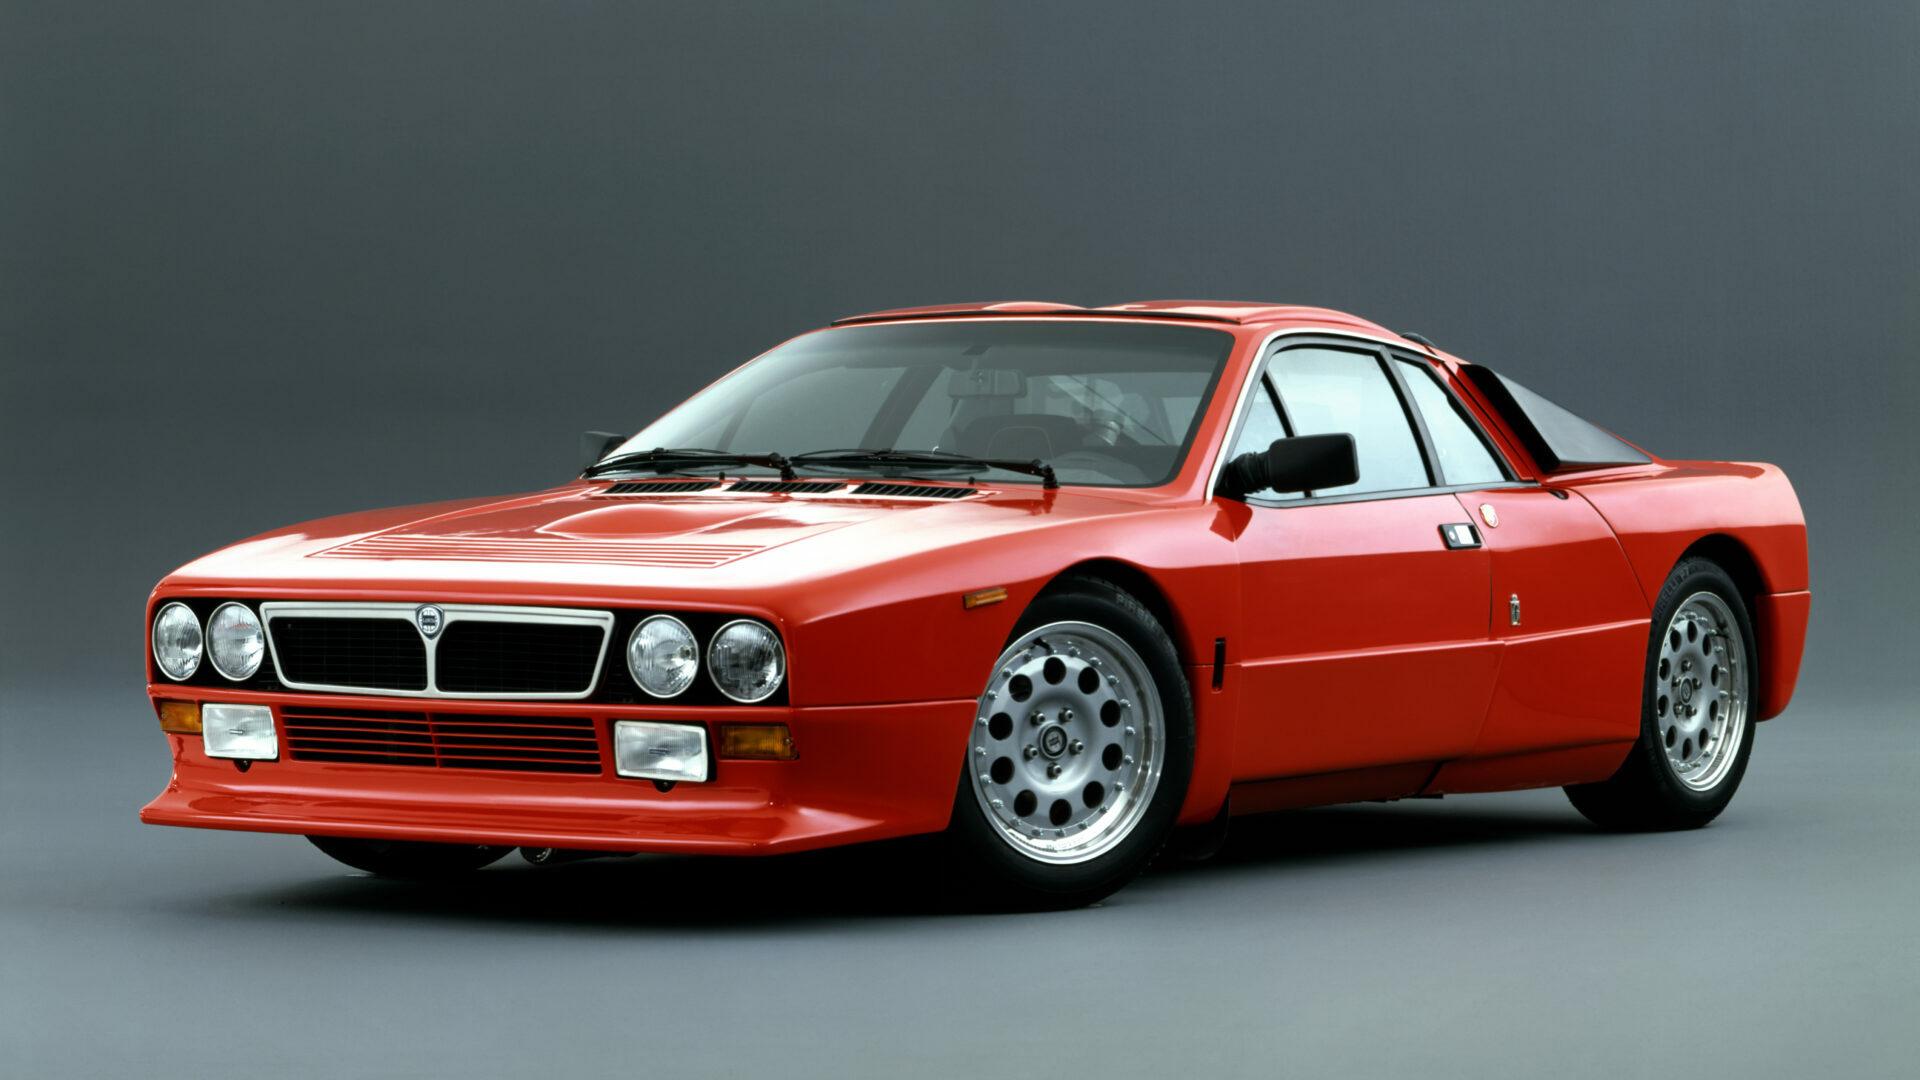 Lancia regresará a España en 2023 y contempla lanzar cuatro nuevos modelos antes de 2025